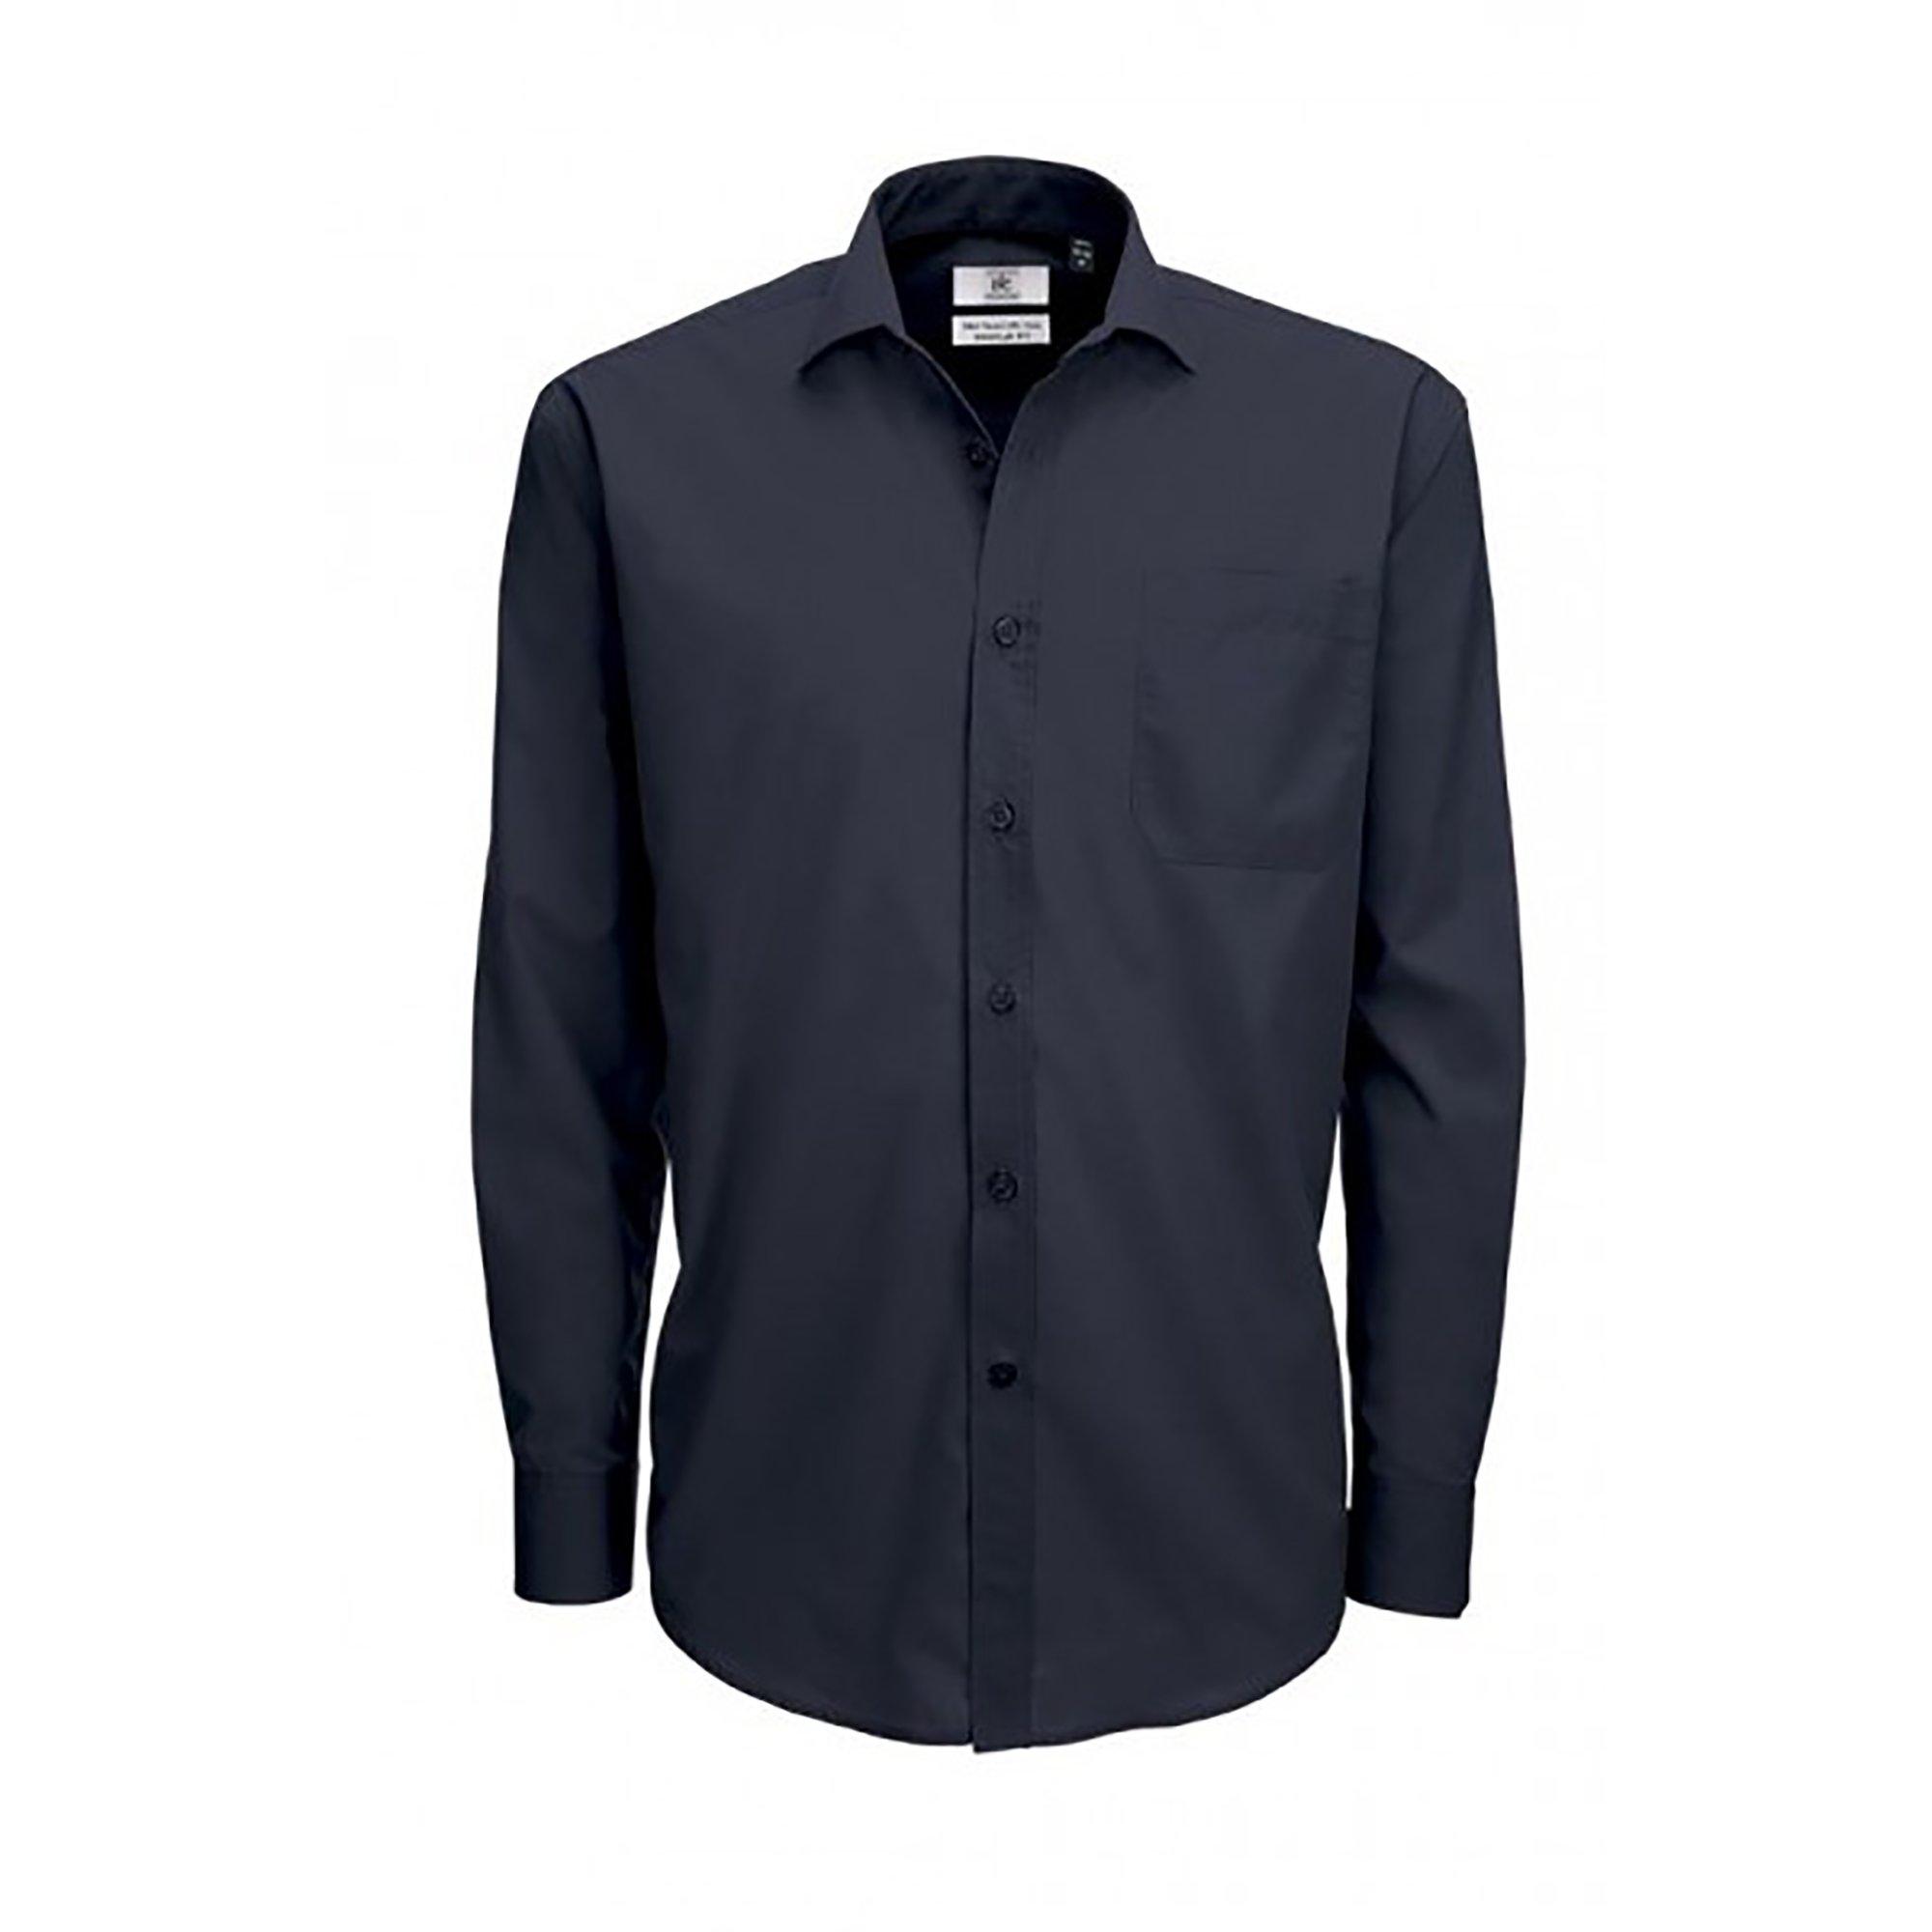 Mejor valorados en Camisas formales para hombre   Opiniones útiles ... 03d4a68806c7c